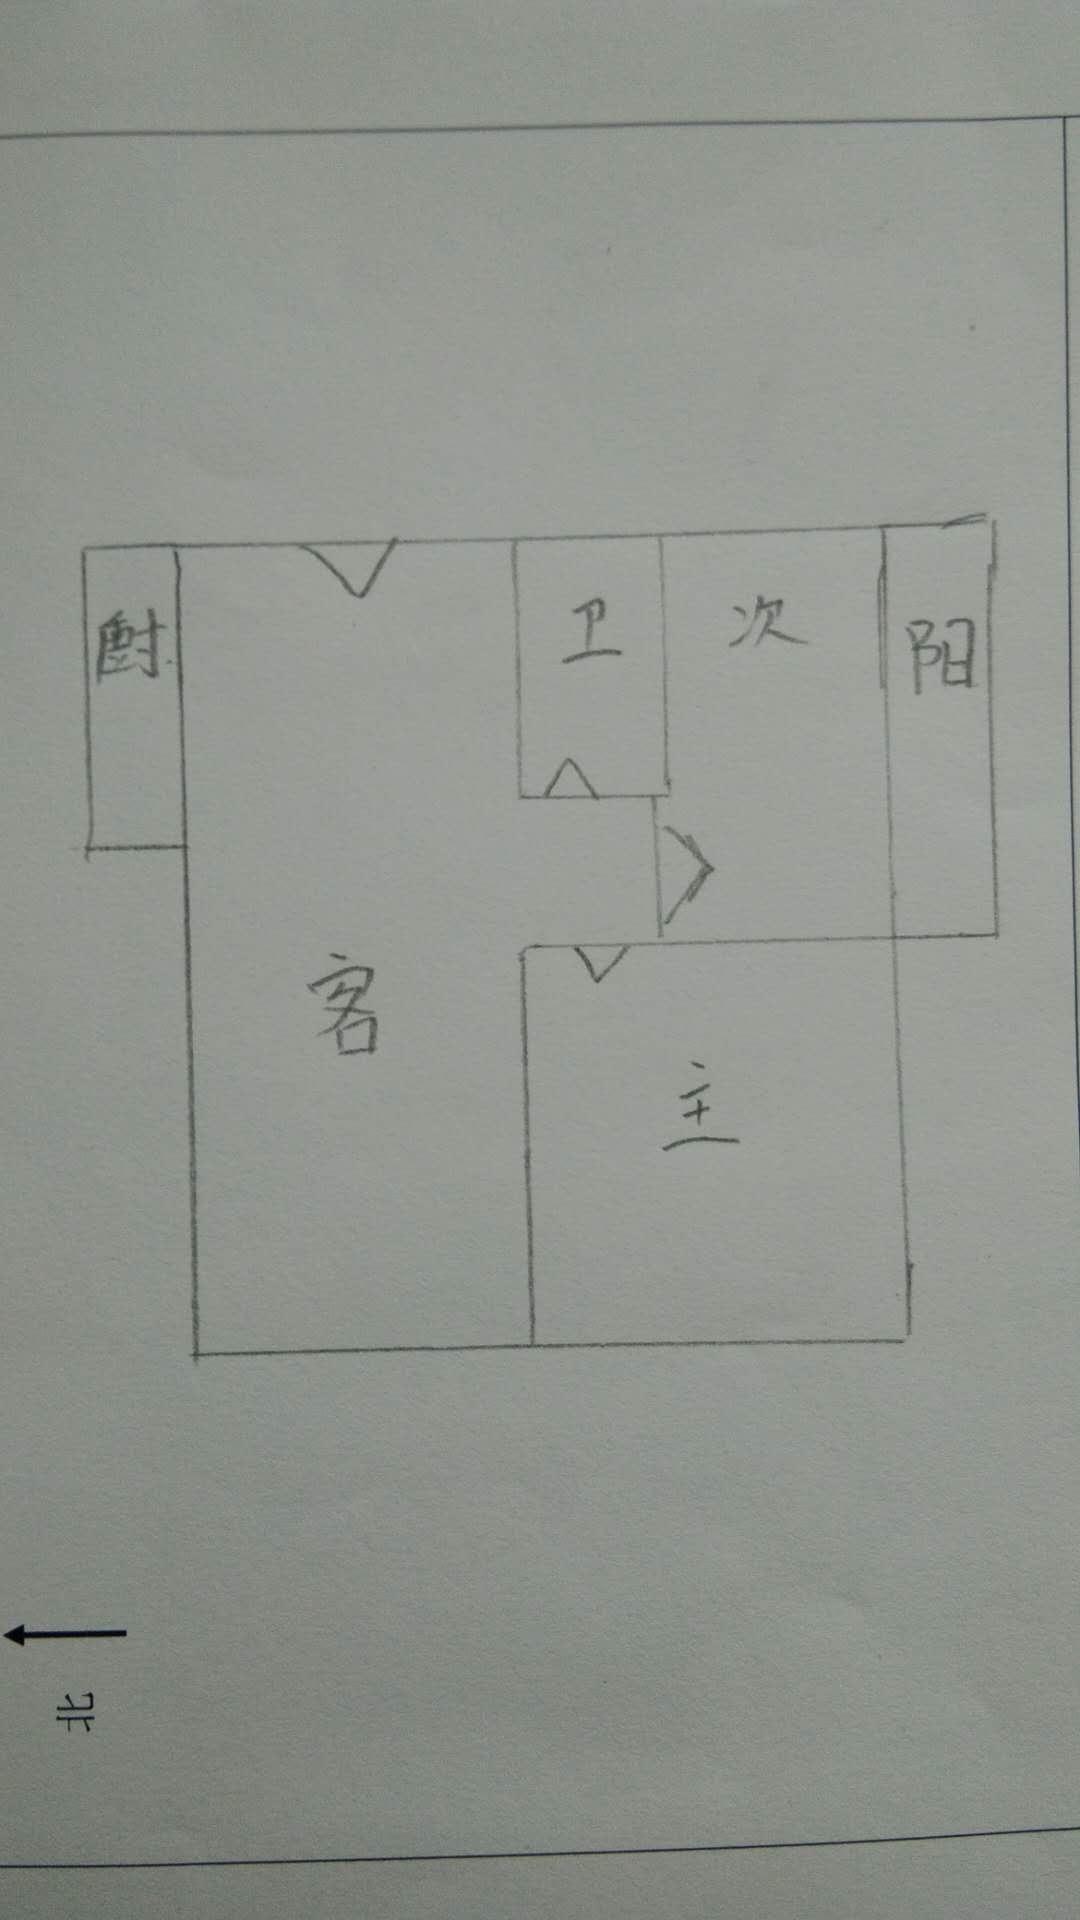 北苑新邸 2室1厅 4楼